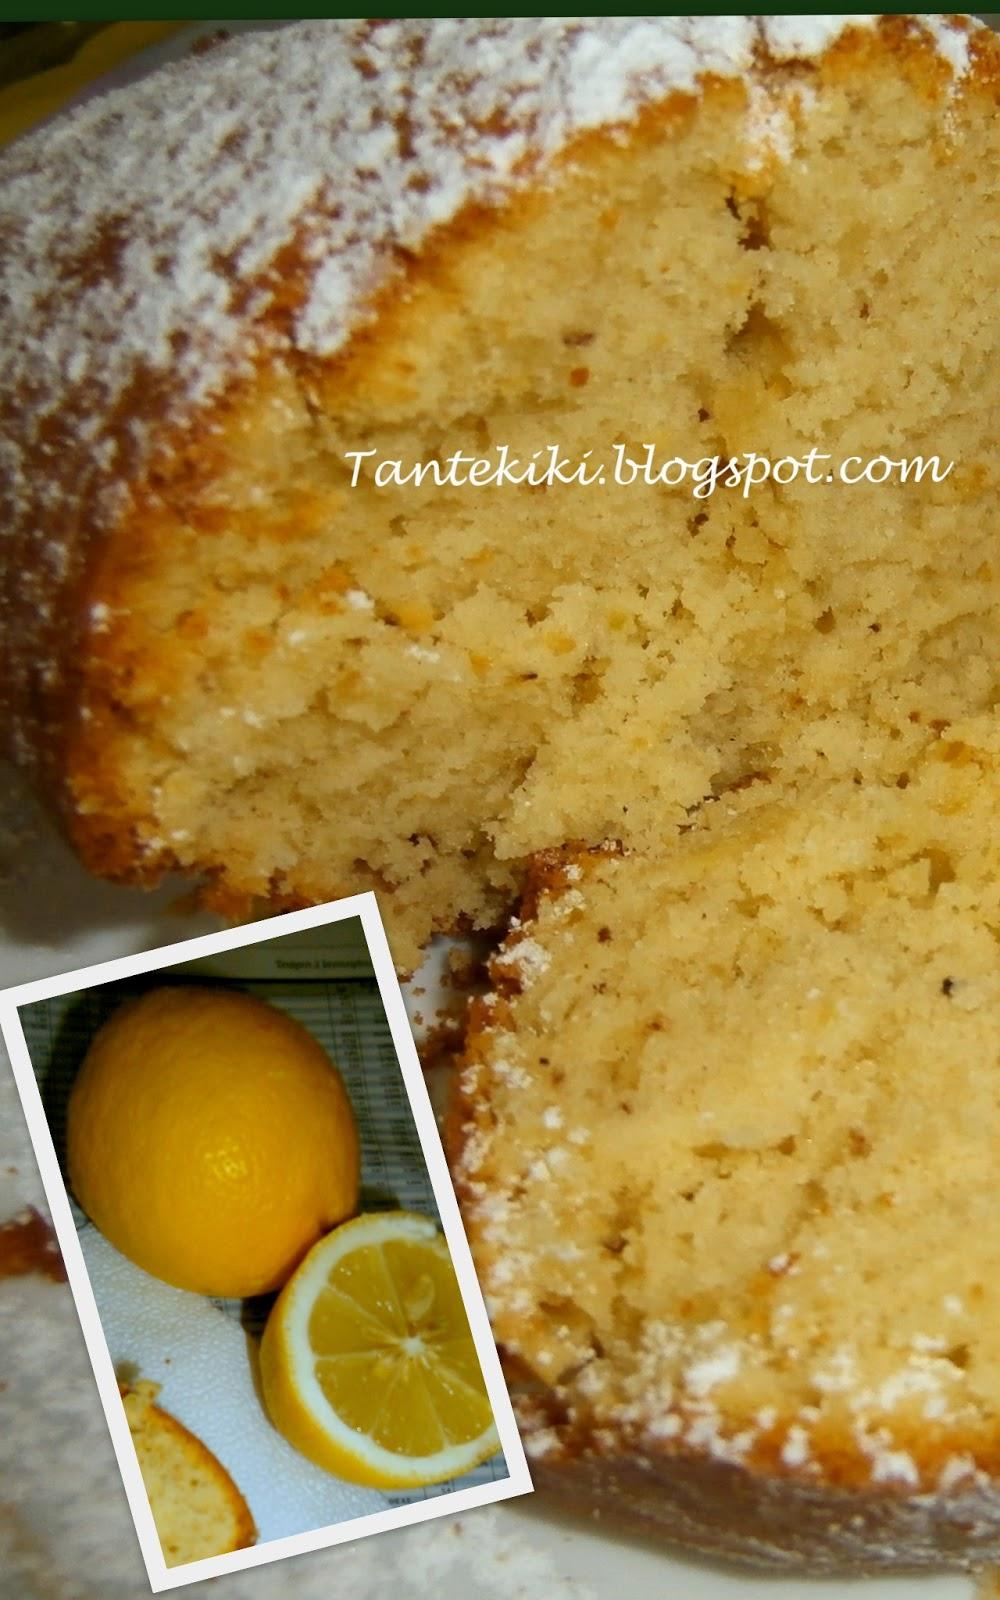 Κέικ αμυγδάλου με άρωμα λεμονιού